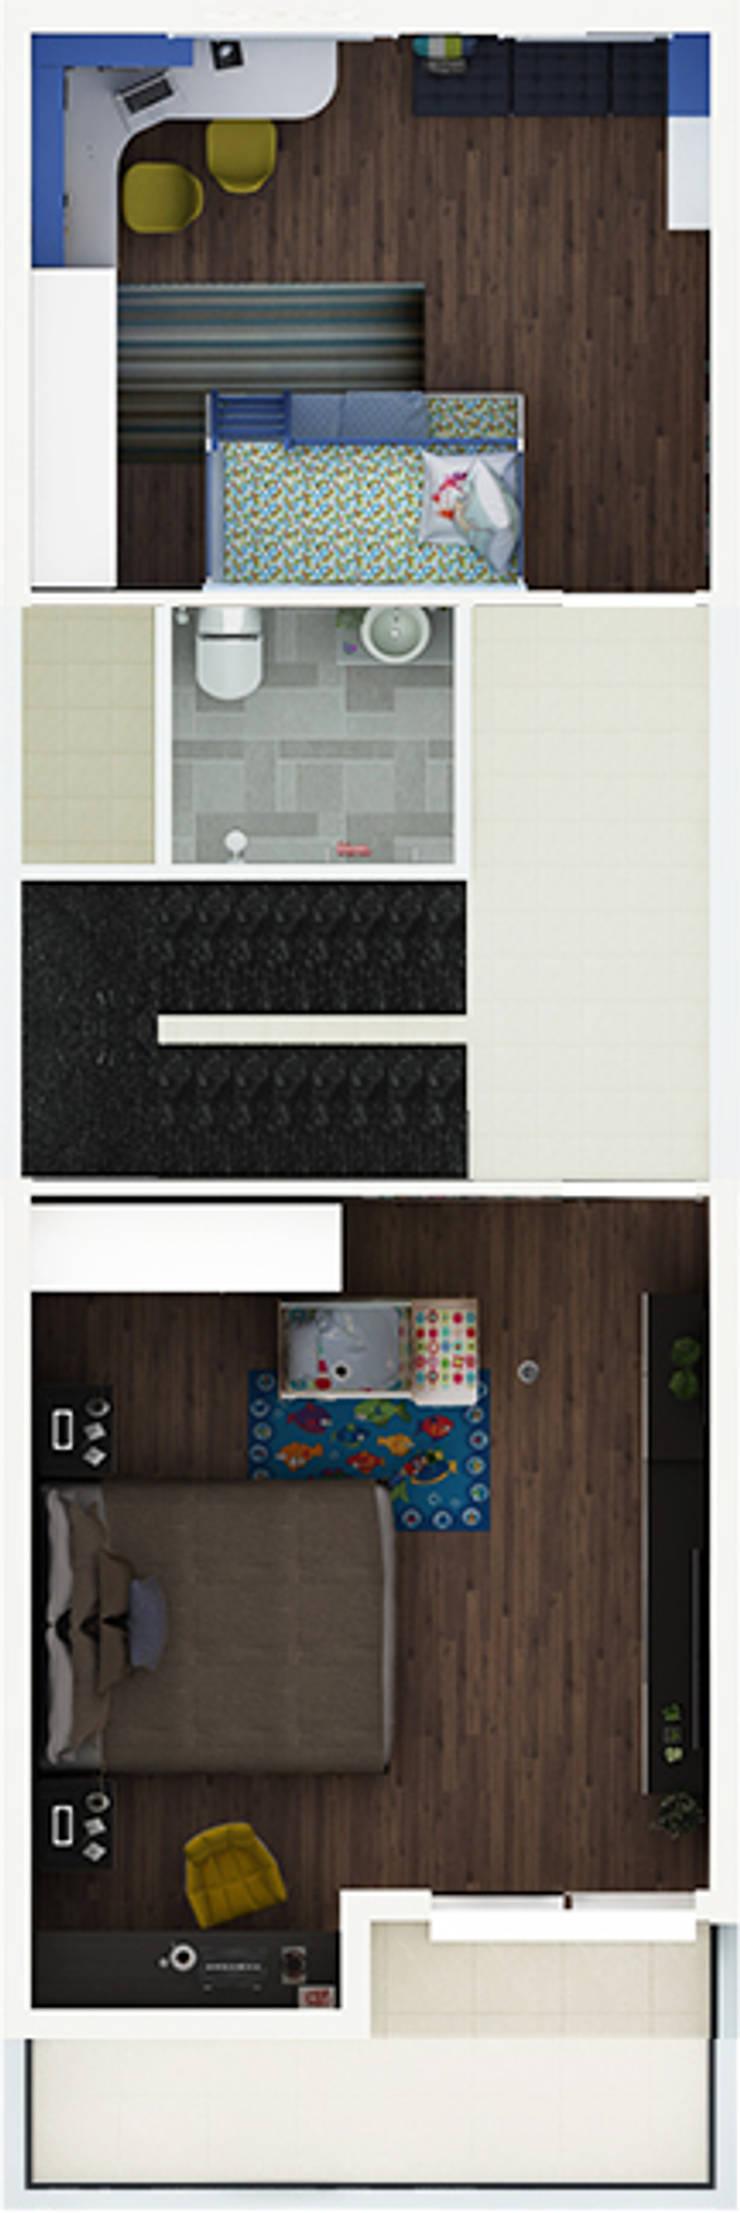 Nội thất nhà phố phong cách hiện đại:   by Công ty TNHH MTV Xây Dựng Khang Điền